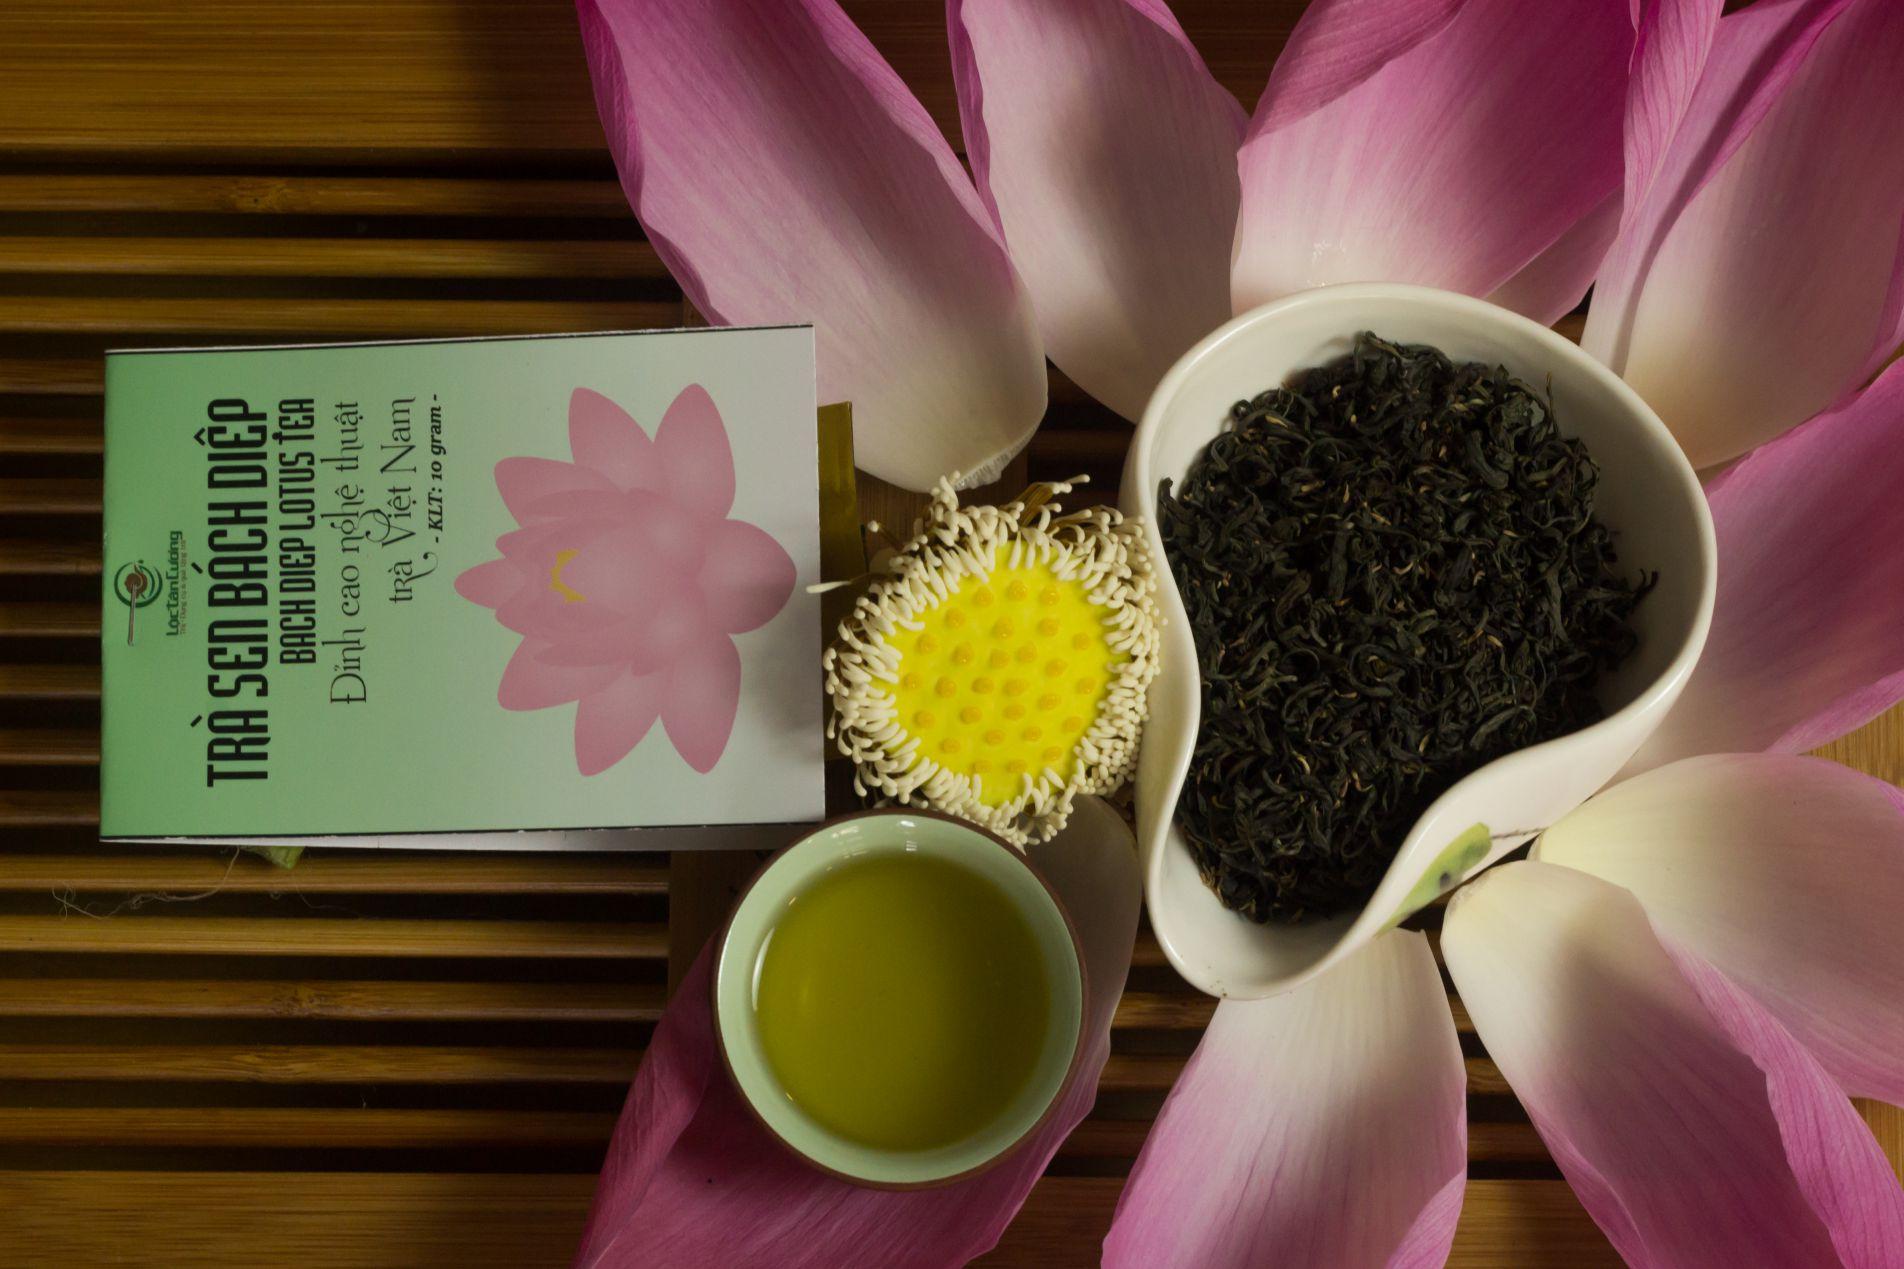 Cảm nhận trực tiếp hương vị là cách tốt nhất để nhận biết trà thật hay trà hương liệu